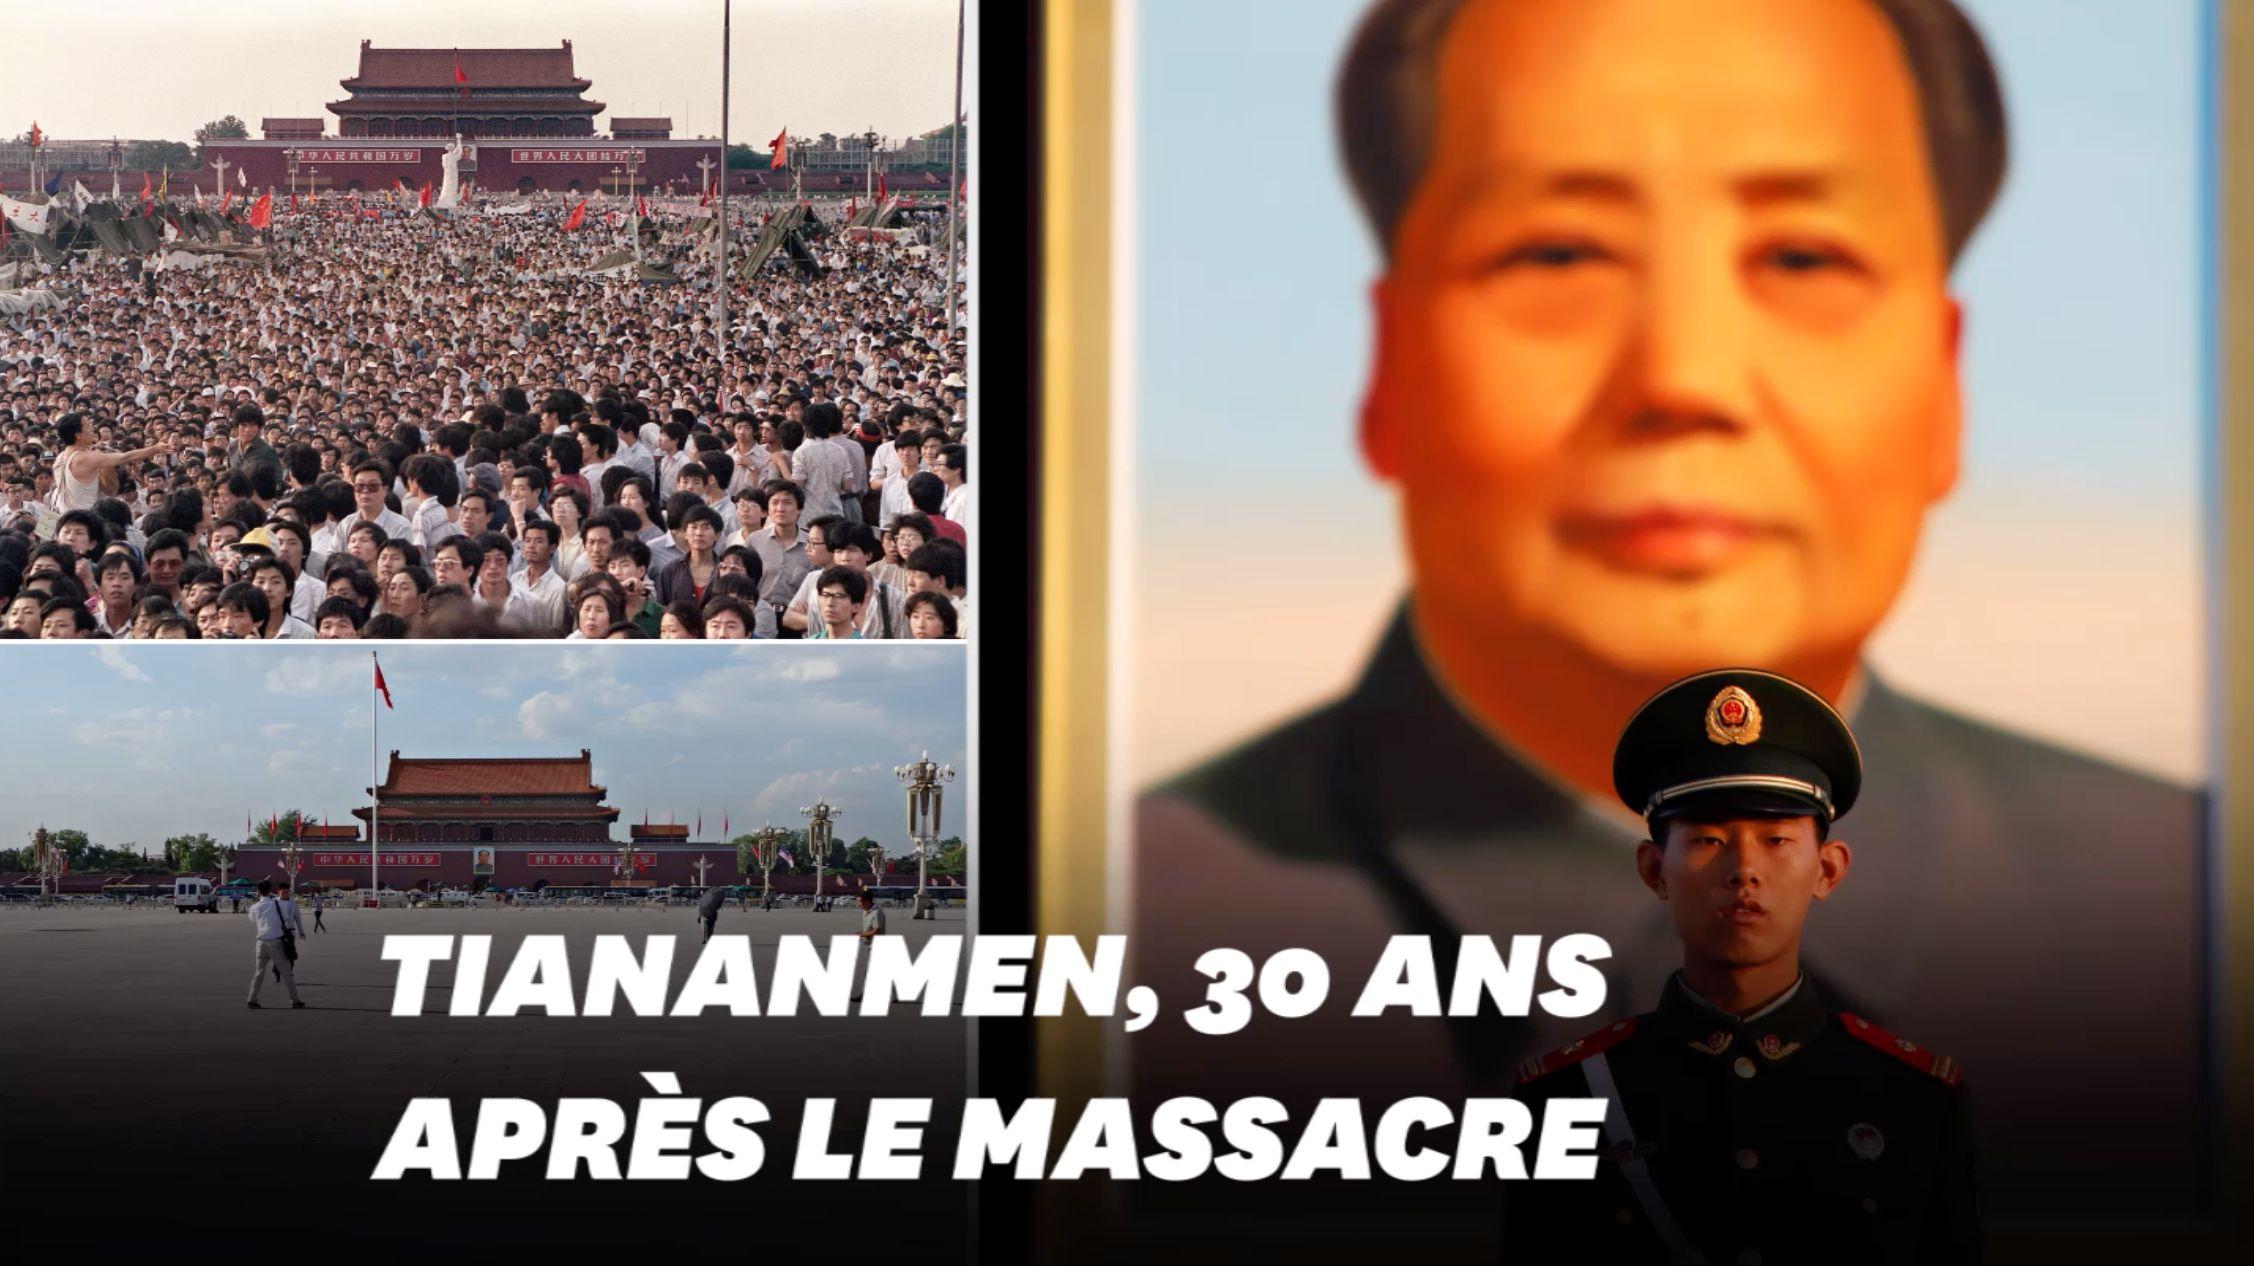 30 ans après le massacre de Tiananmen, des témoignages forts font